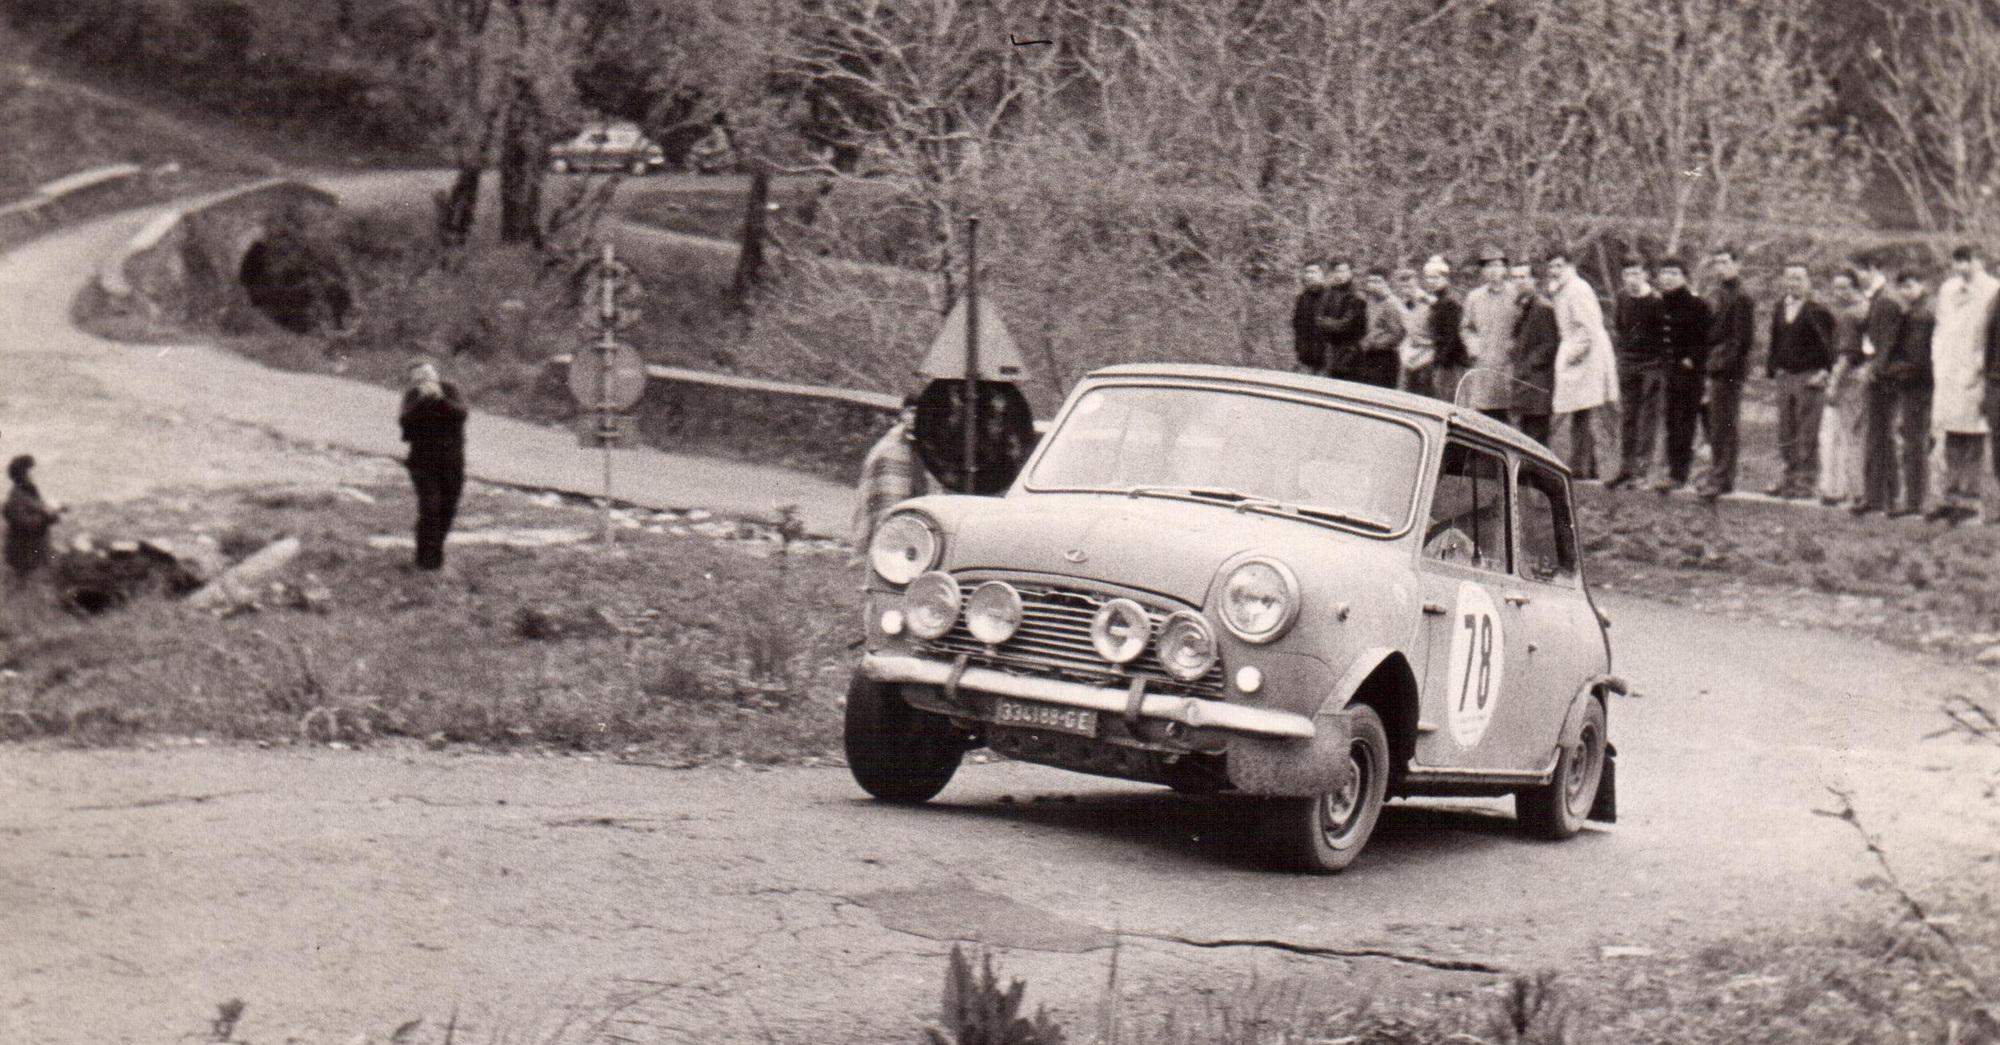 La Mini Cooper di Enrico De Vita nel rally di Villa d'Este del 1968